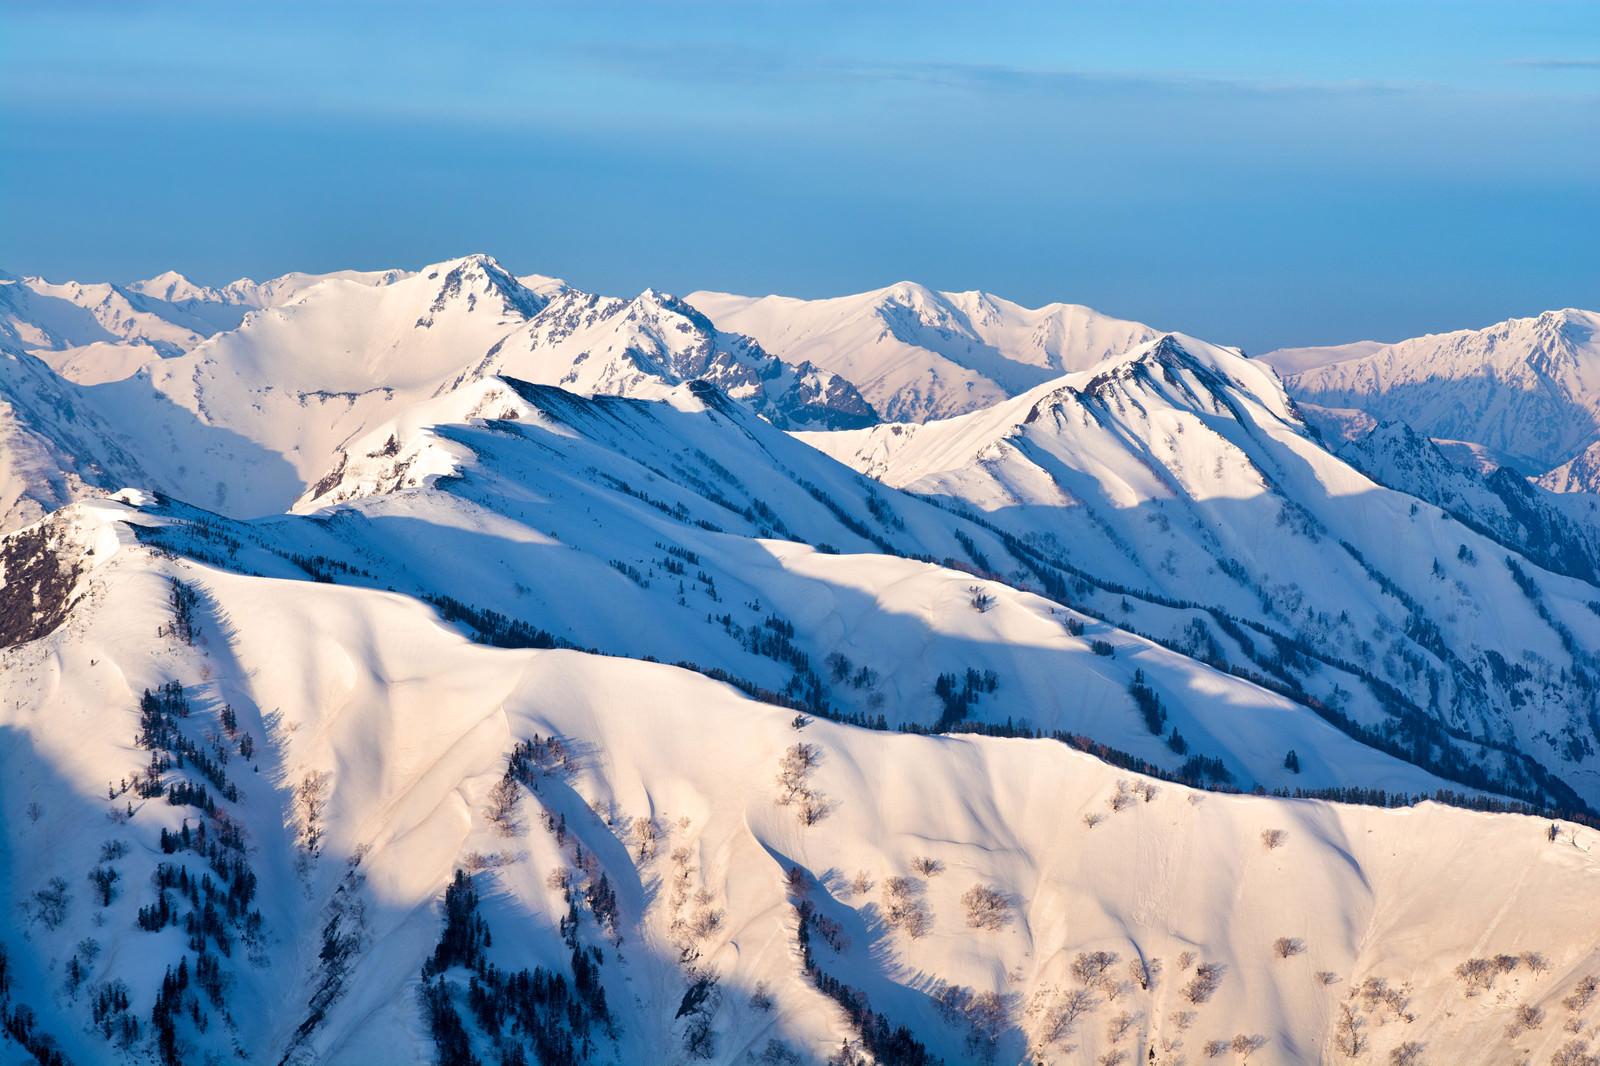 「北アルプスの雪景色」の写真